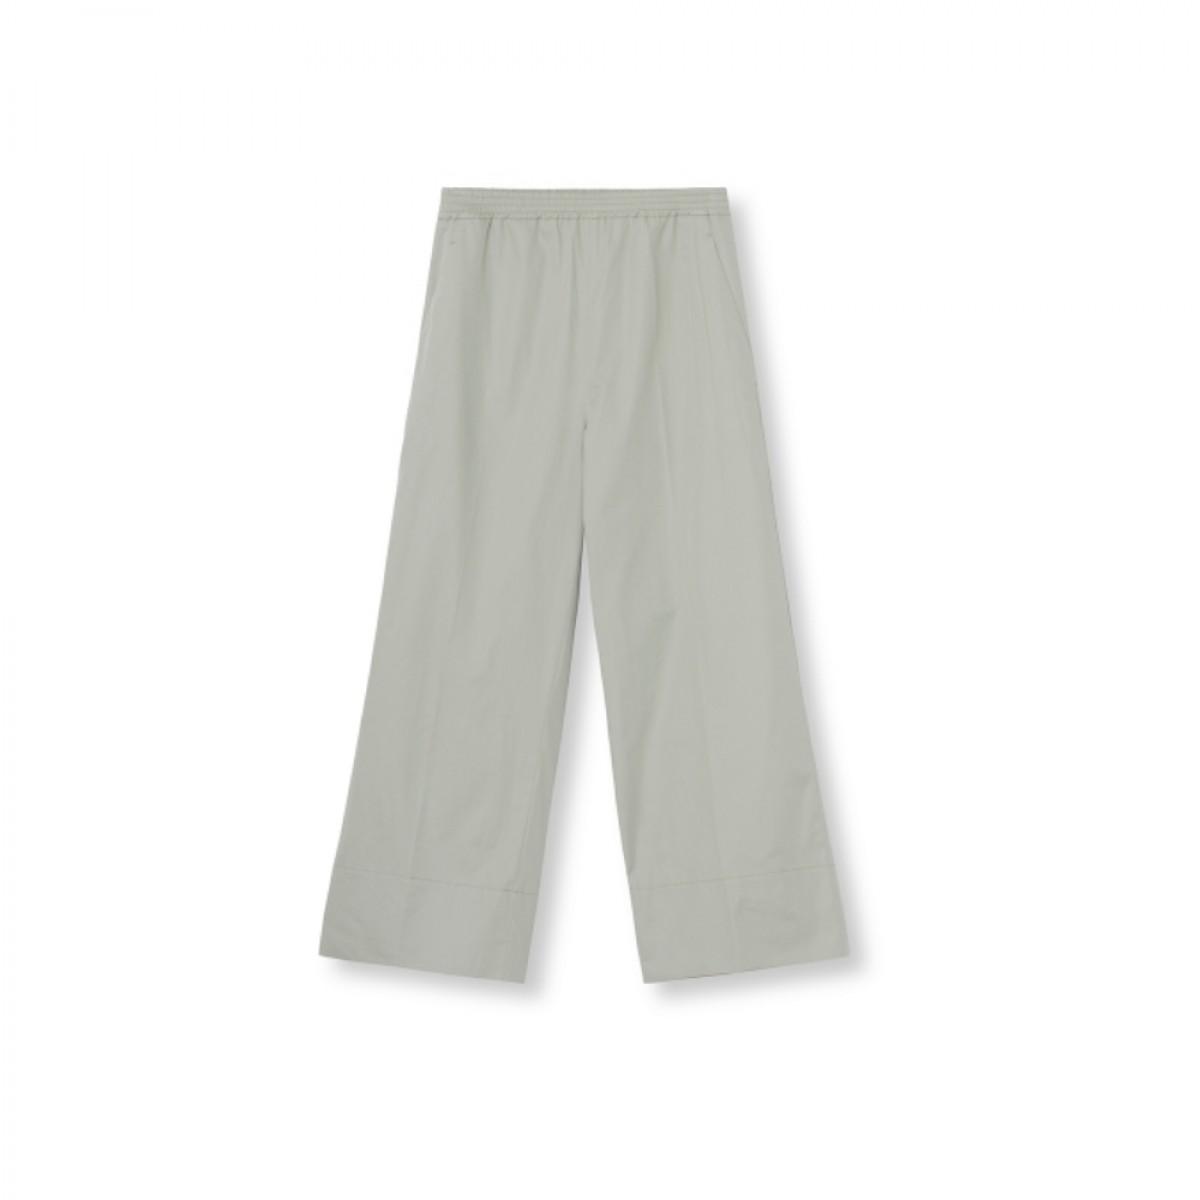 rosanna bukser - saga